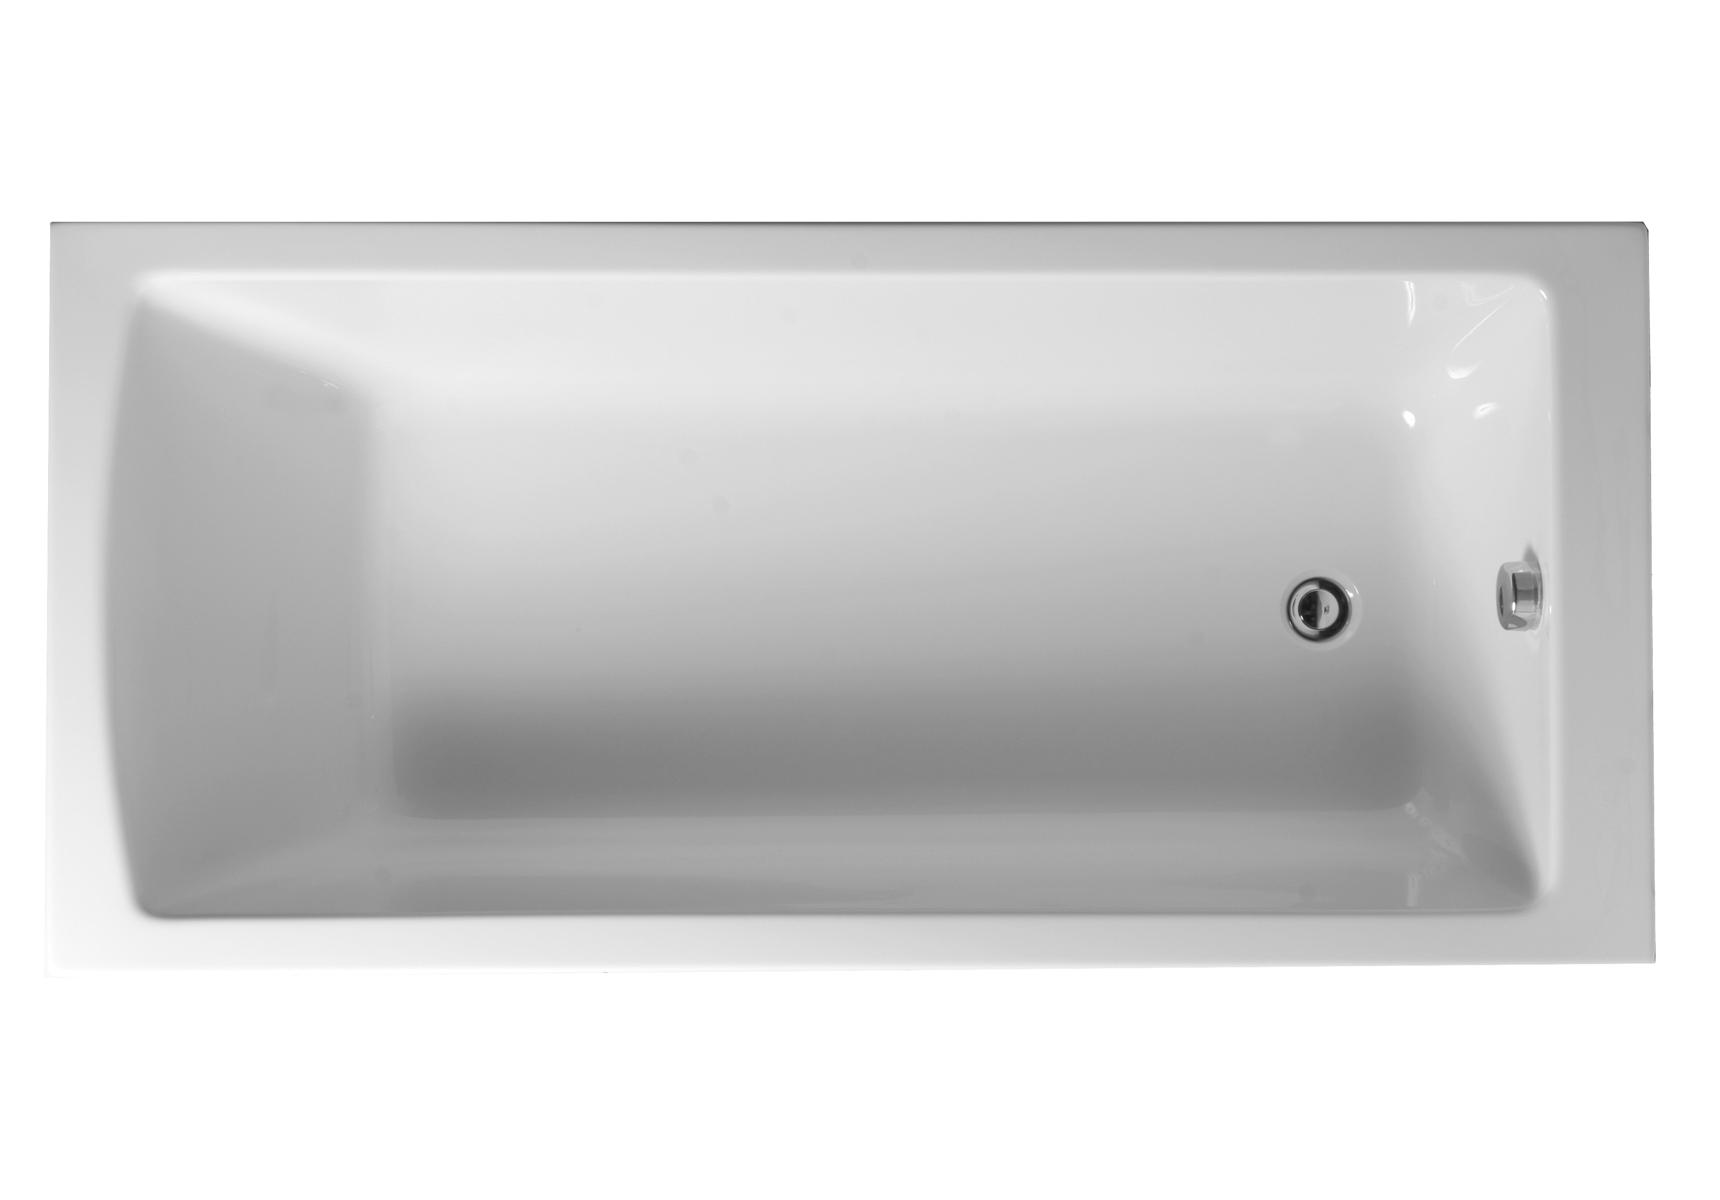 Integra baignoire ergonomique, rectangulaire en acylique 4 mm, version encastrée, 175  x  70 cm